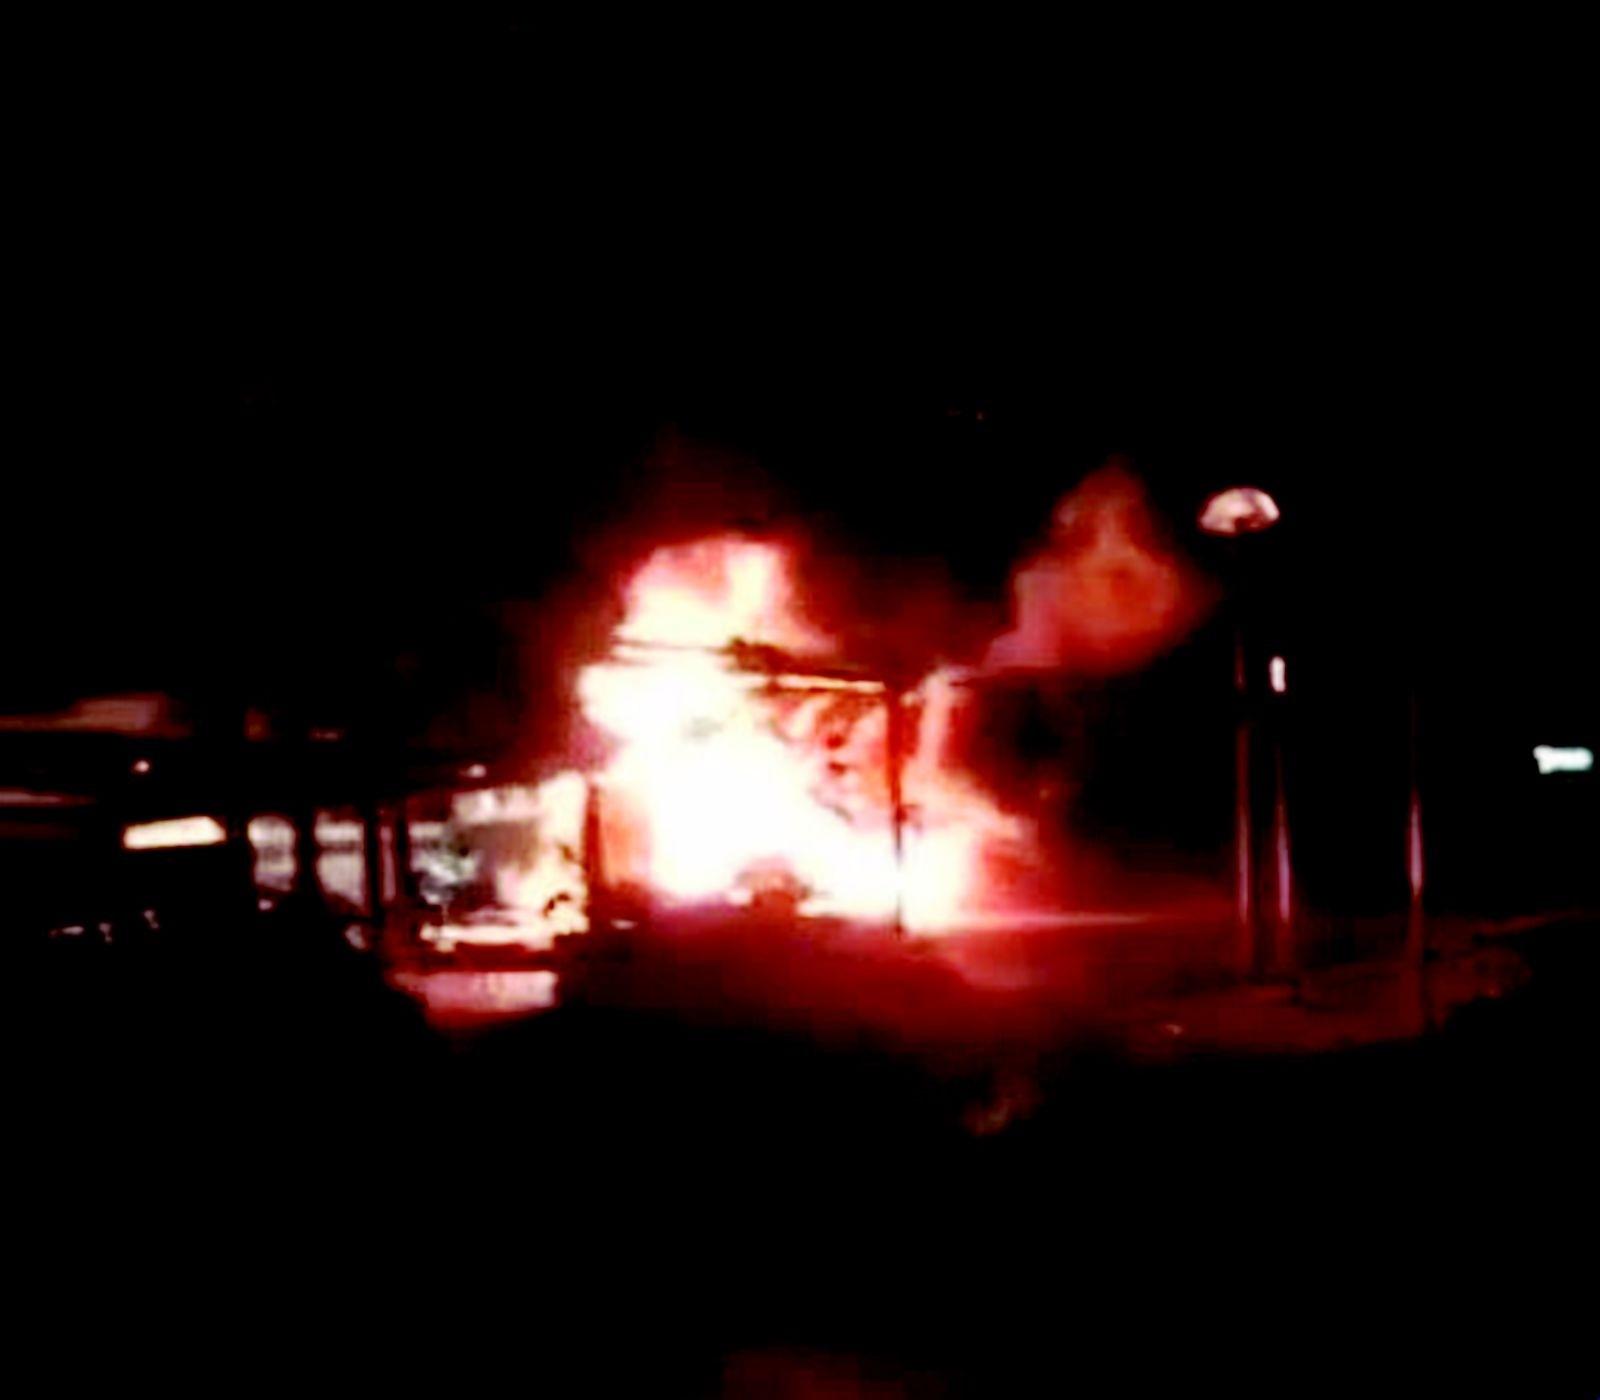 Minaccia di bruciare i vicini con l'acido, arrestato a Misano